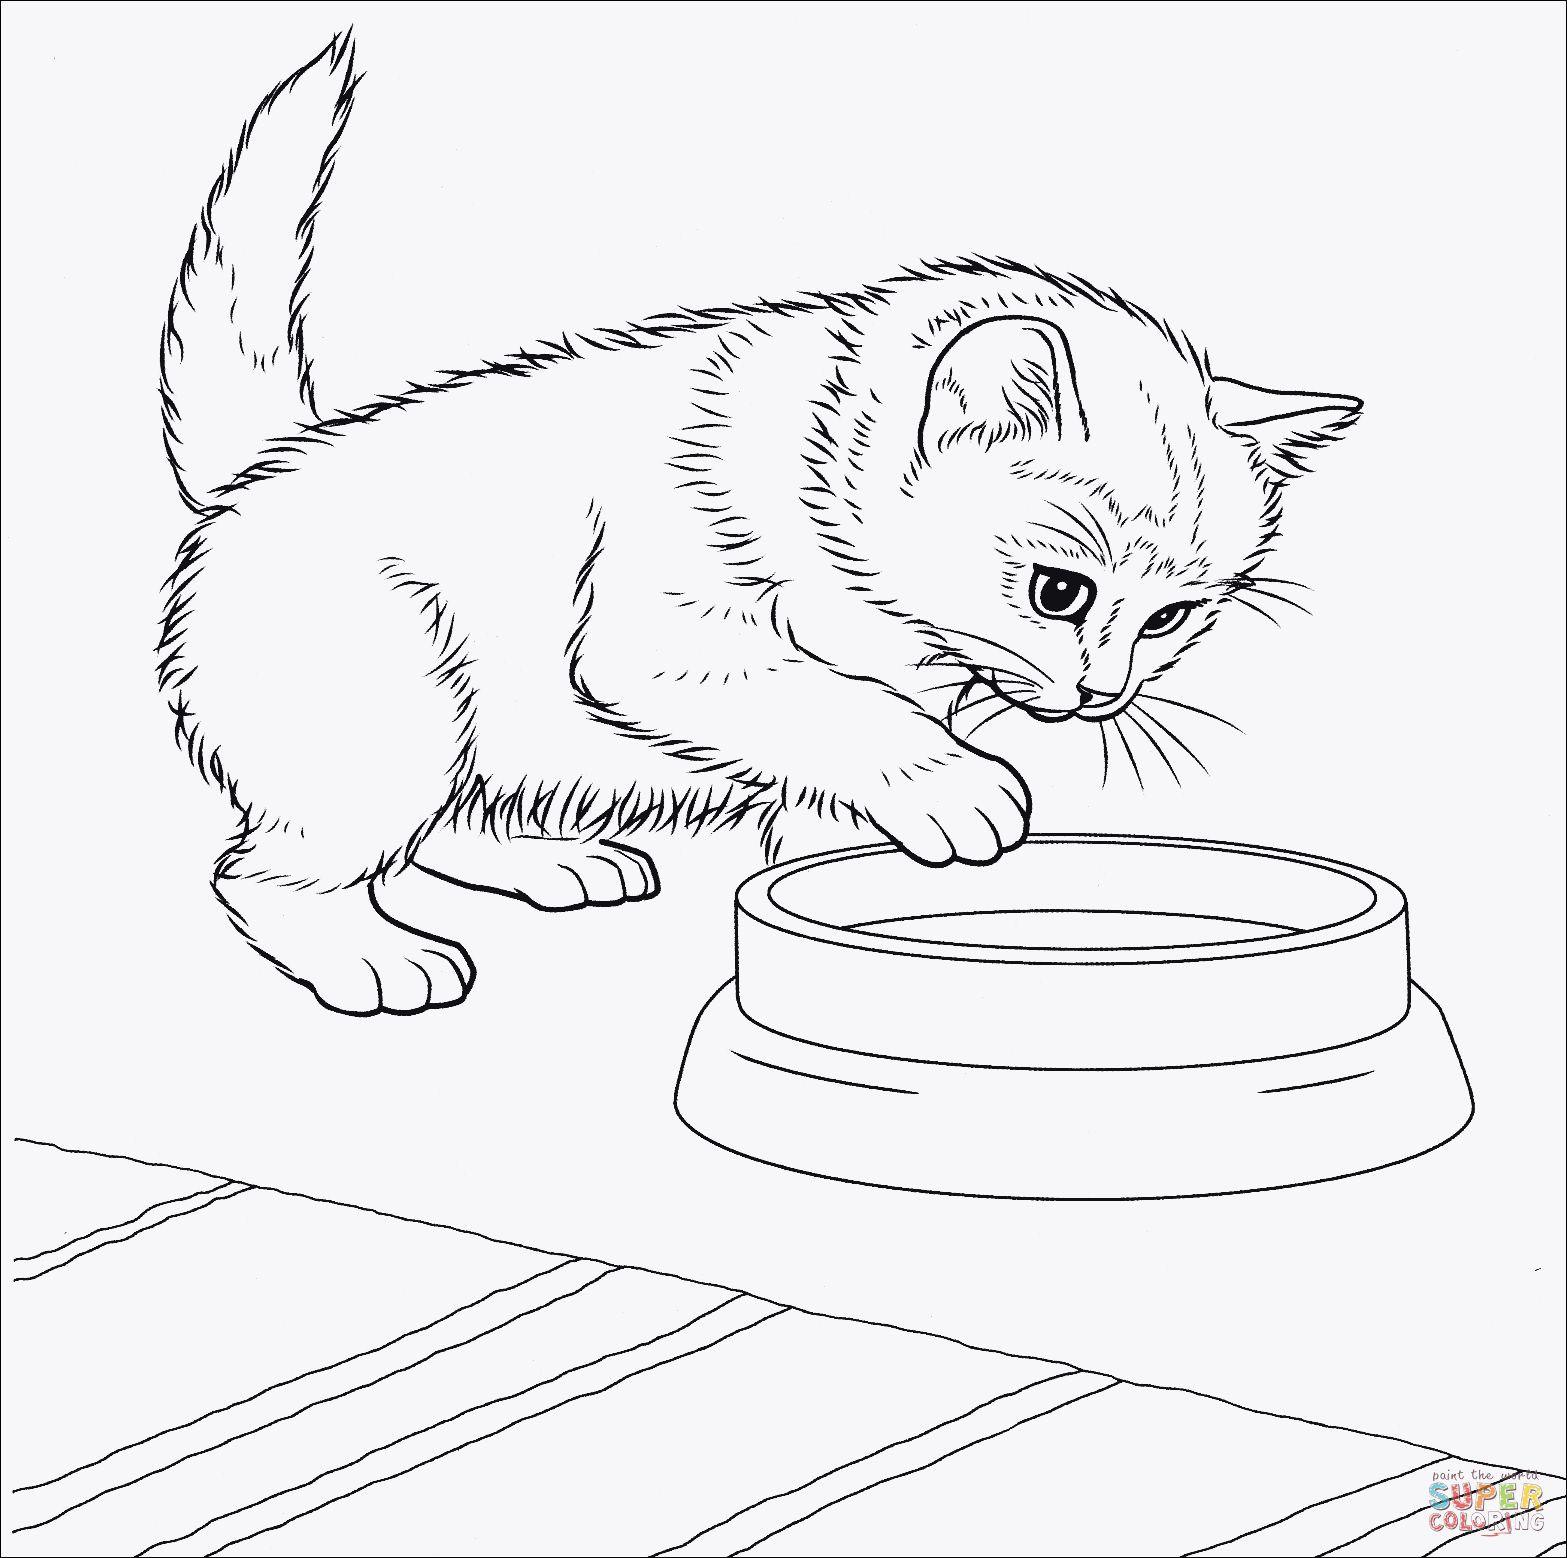 Ausmalbilder Hunde Und Katzen Frisch Garten Tiere Wimmelbild … Dot to Dots Pinterest Schön Ausmalbilder Bild